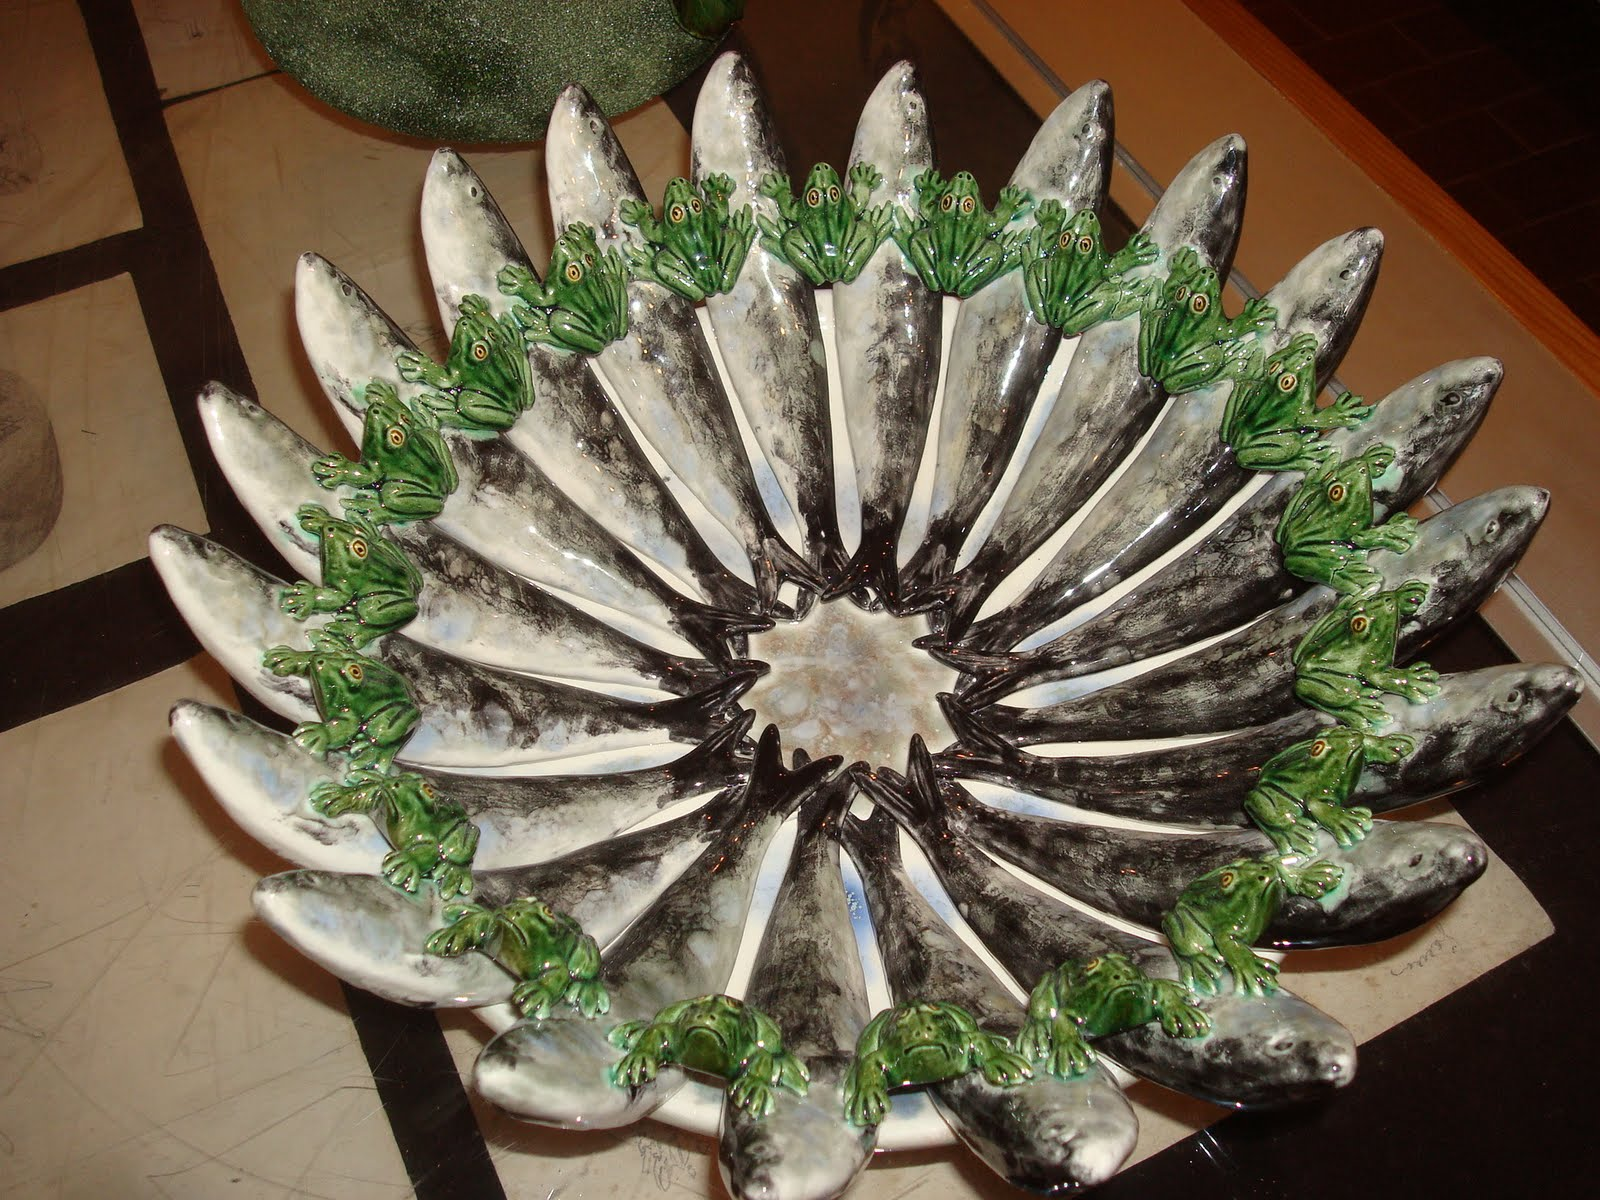 Negócio da cerâmica e cristalaria vai continuar a ser aposta do grupo de Viseu. / Bordalo Pinheiro